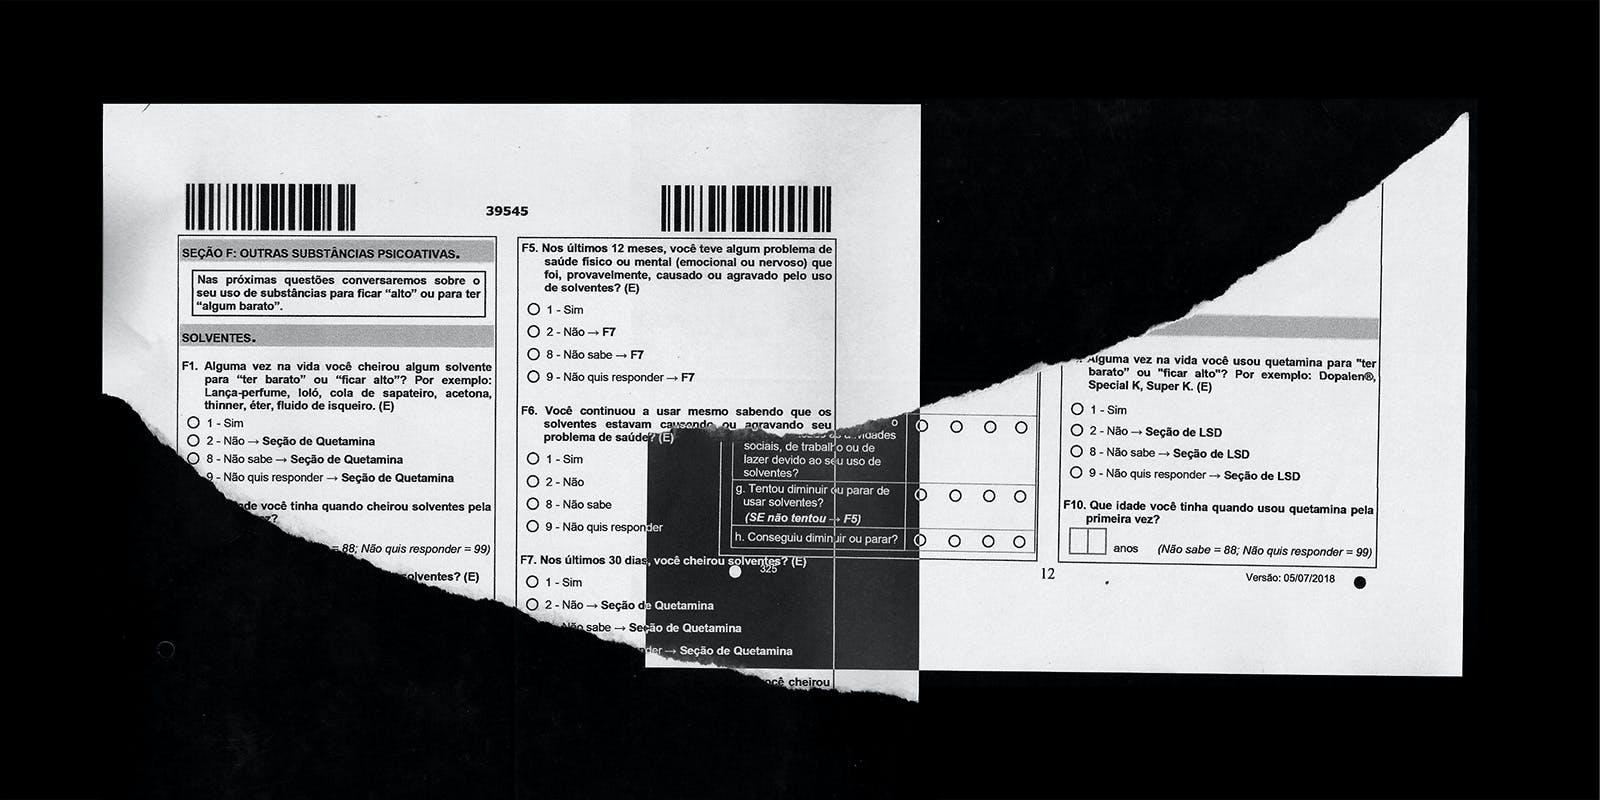 LUND Arte 2 1553891699 Guerra à informação: Governo esconde levantamento nacional sobre o uso de drogas